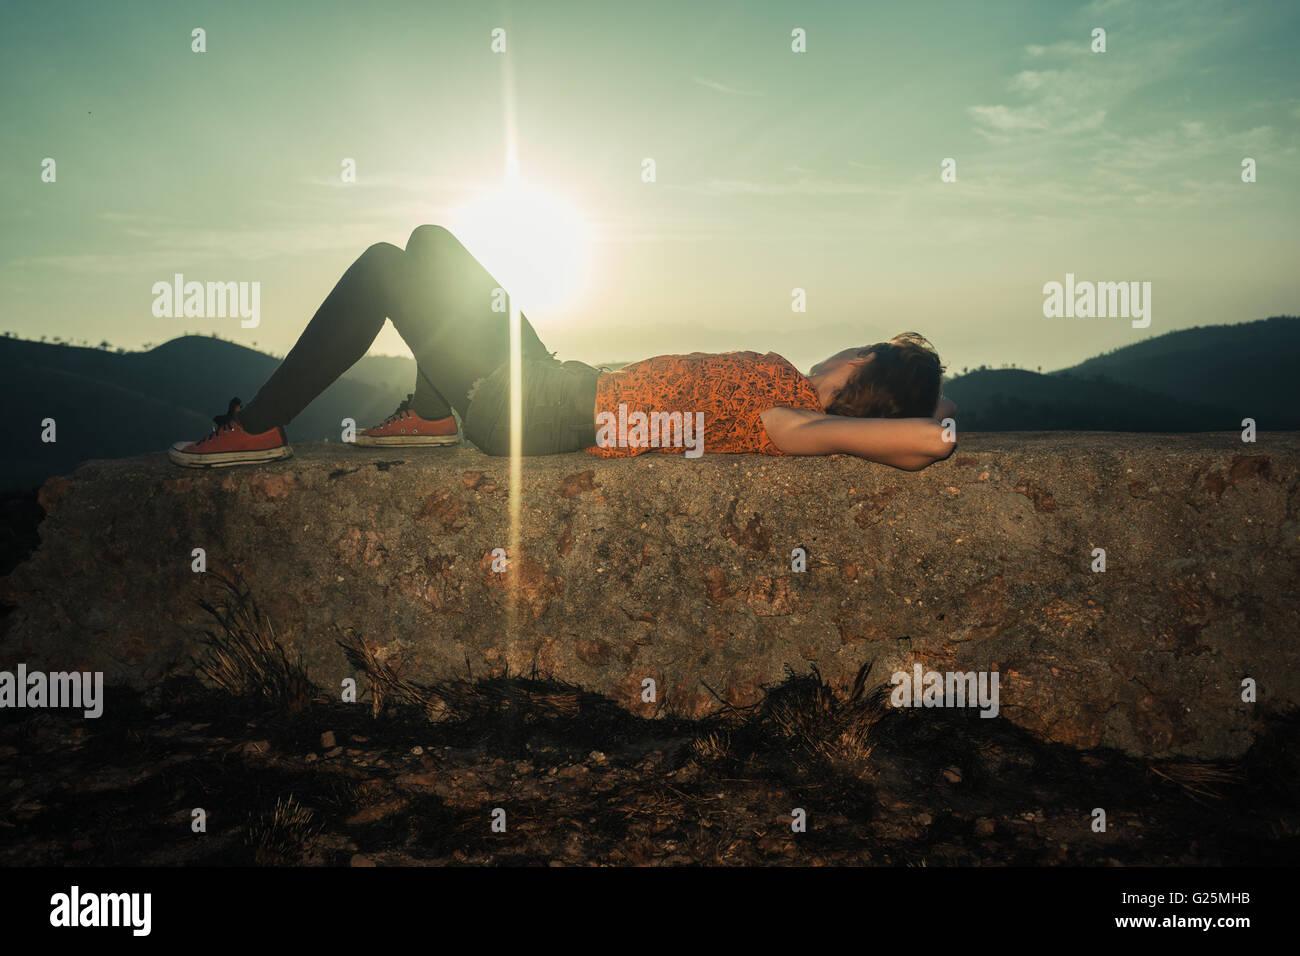 Un joven está acostado sobre una roca inusual al amanecer. Foto de stock